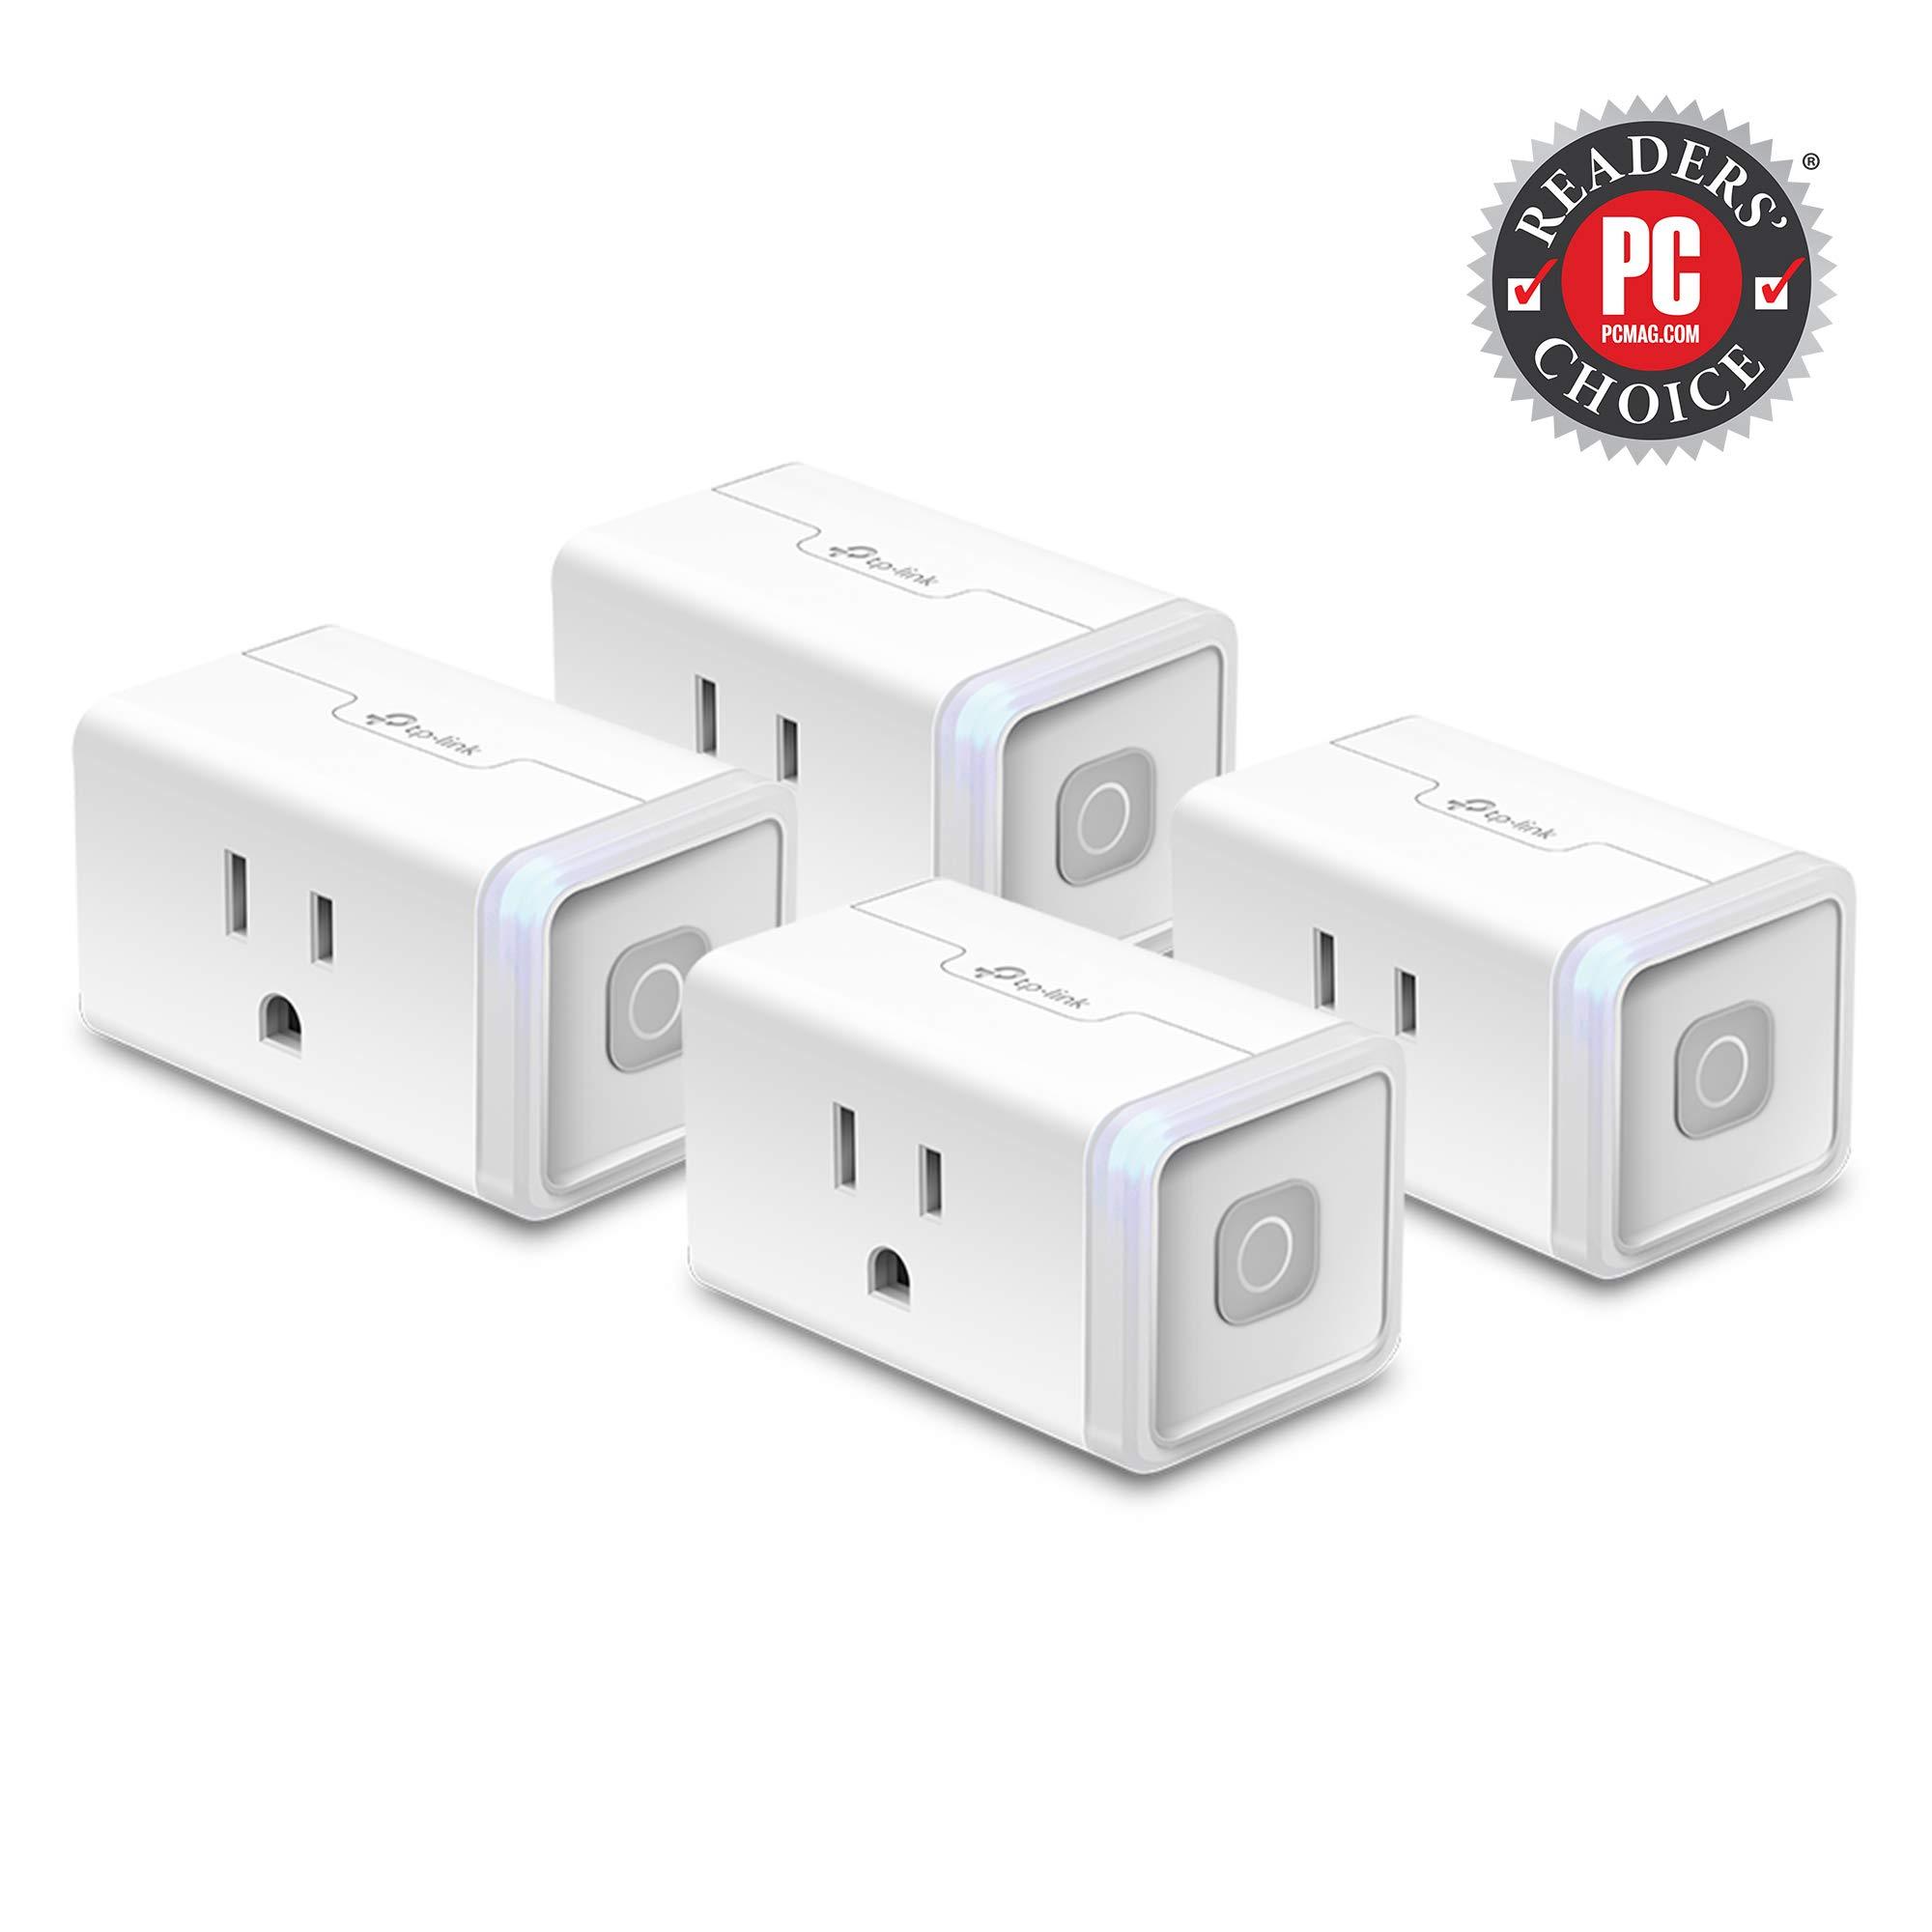 TP Link Reliable Connection Assistant HS103P4